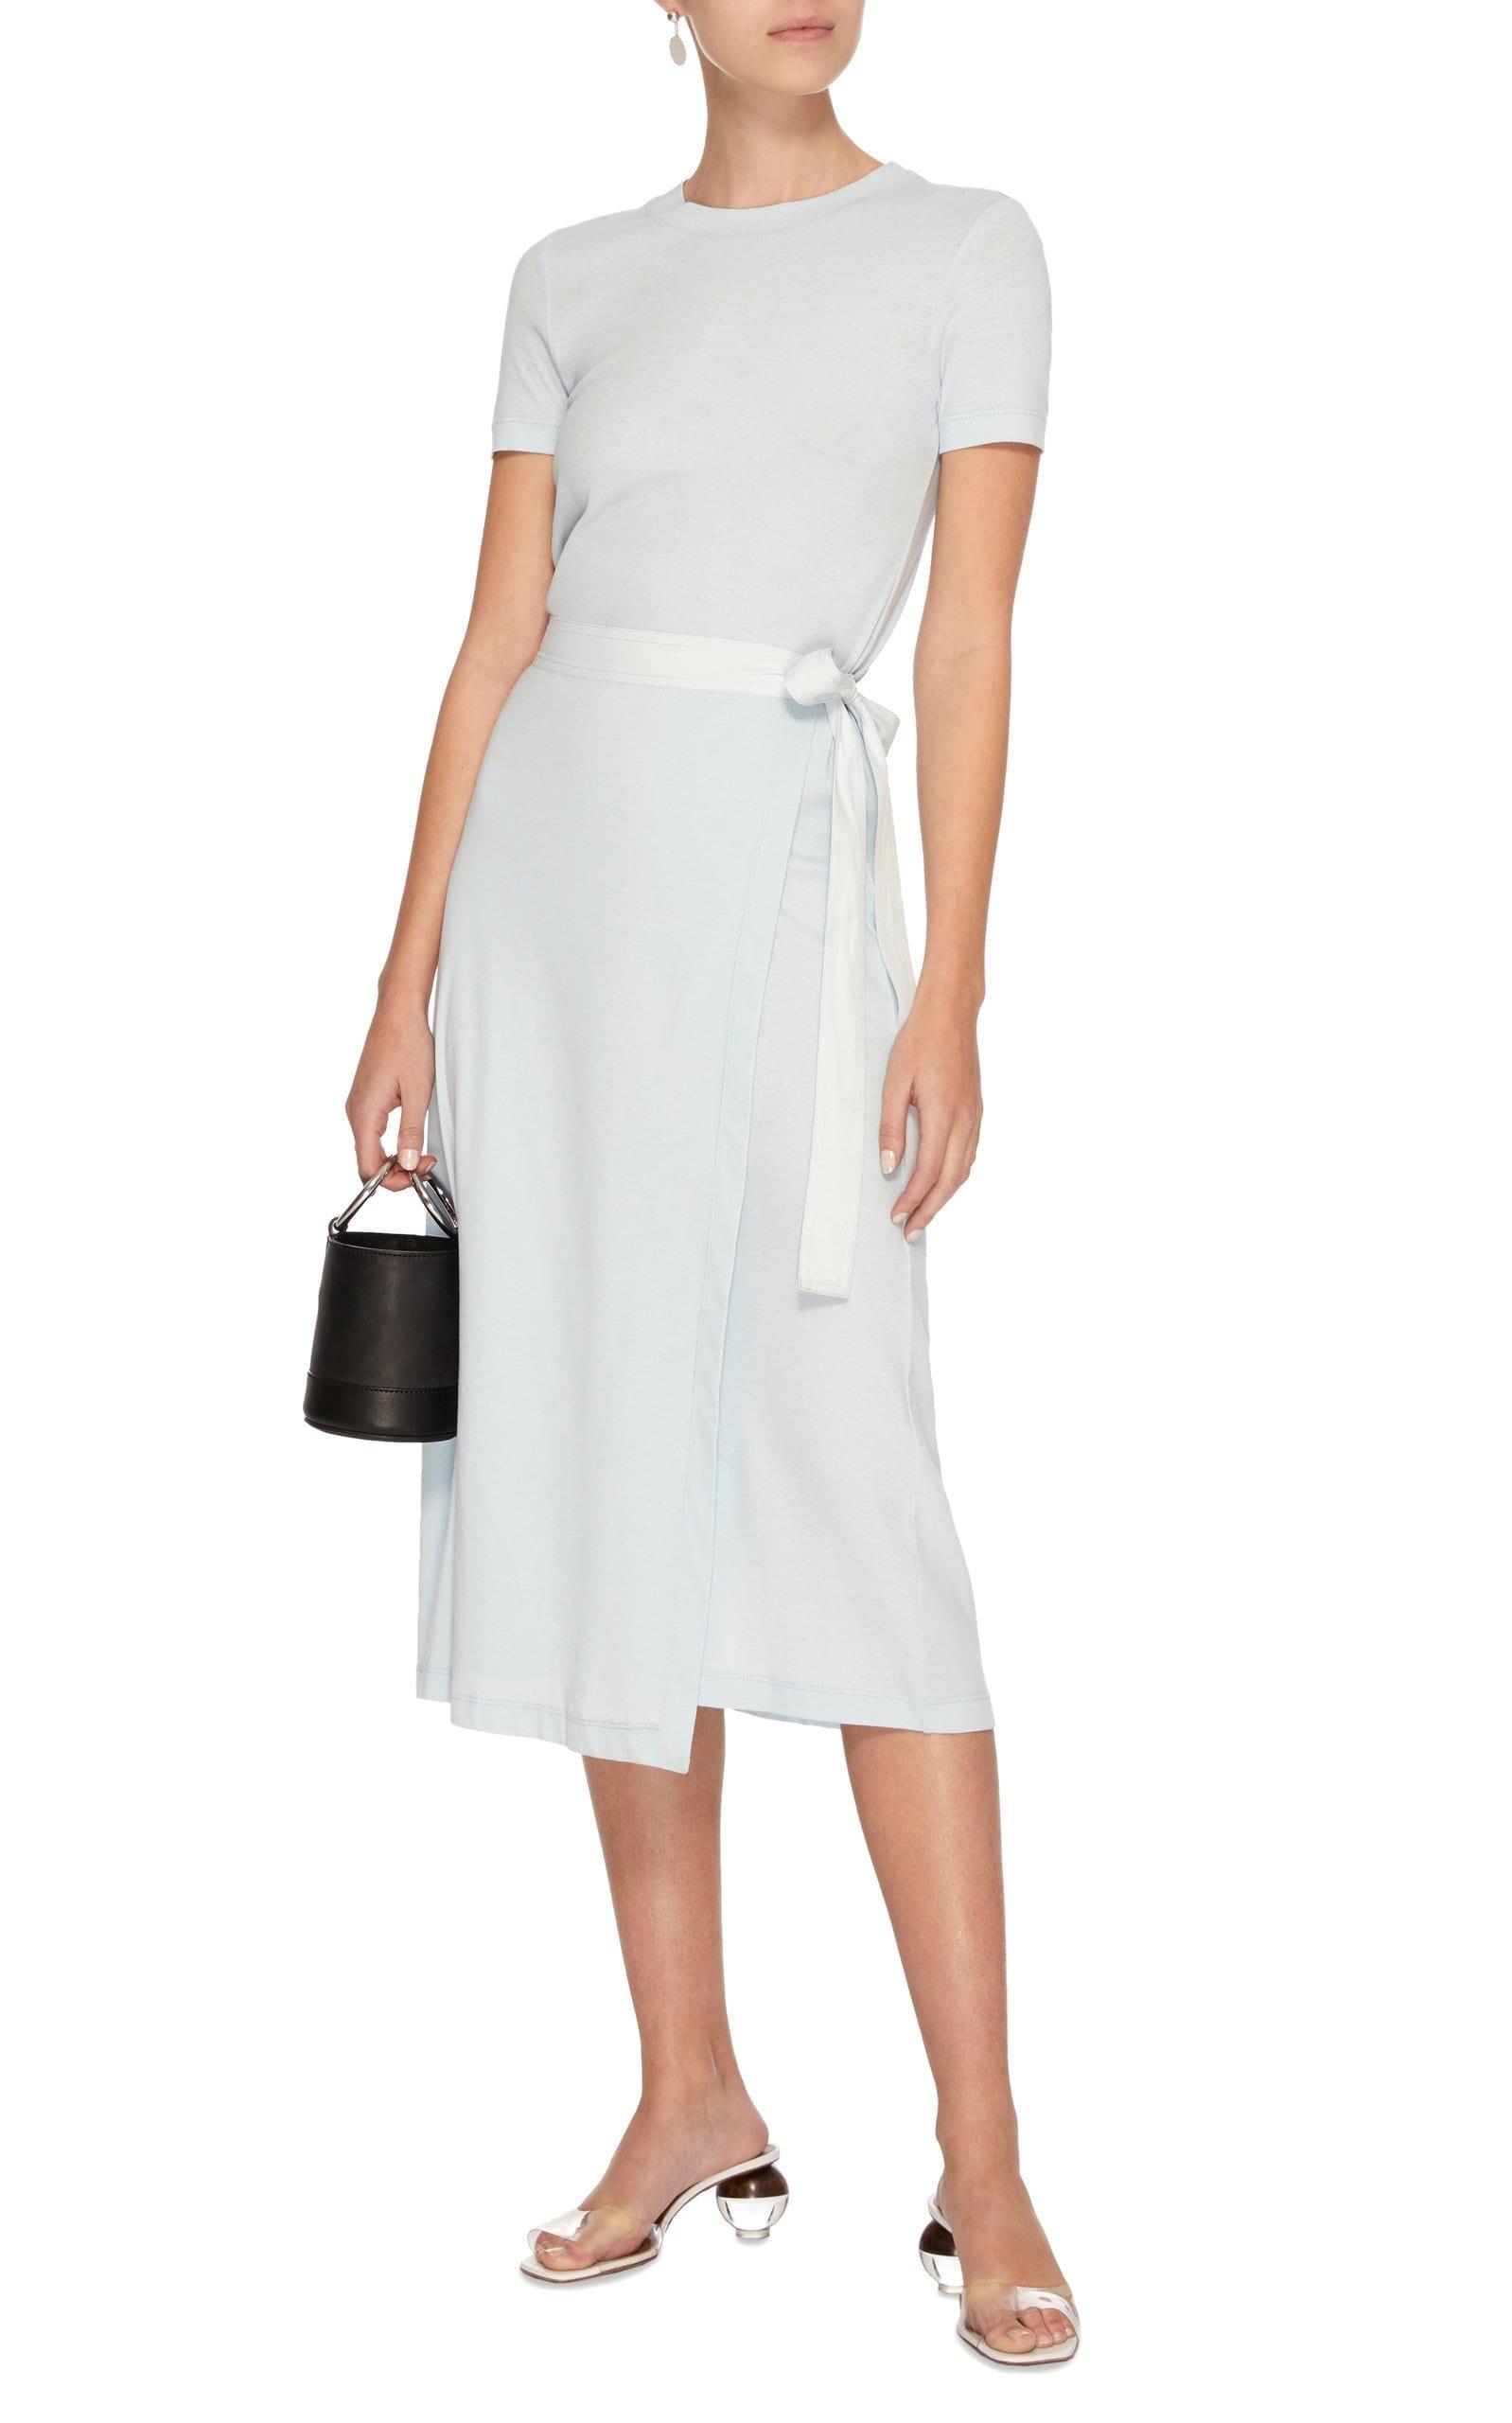 ROSETTA GETTY Rib Knit Apron Wrap Light Blue Dress